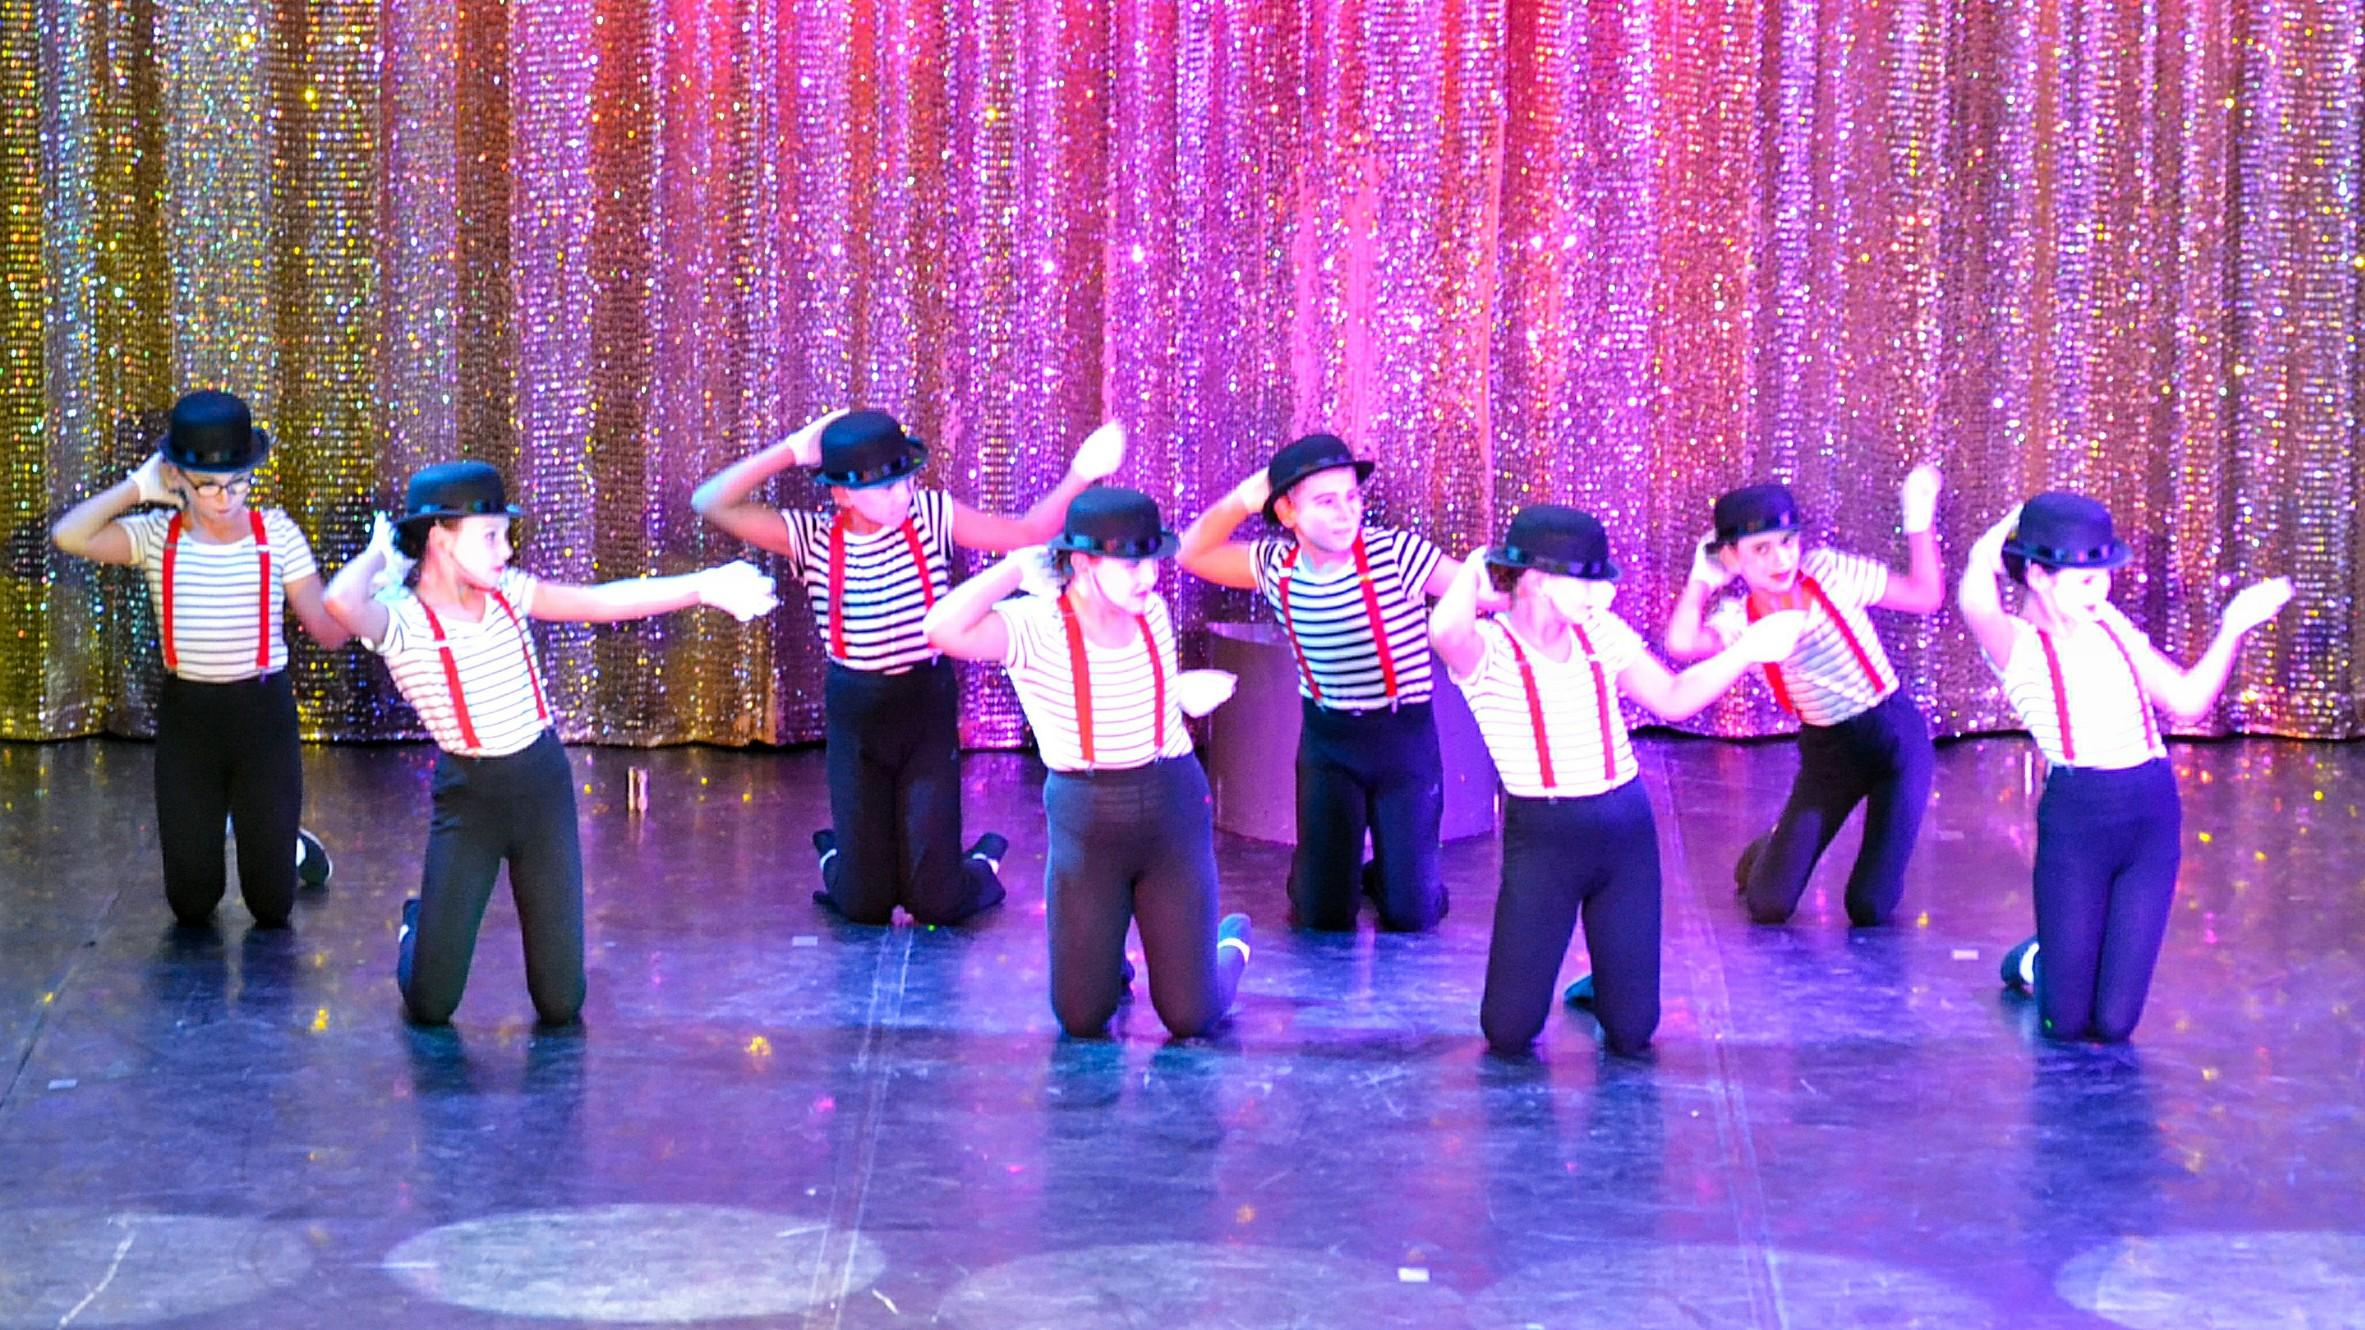 Linea-de-Baile-festival-verano-2015-clases-de-baile-valencia-85